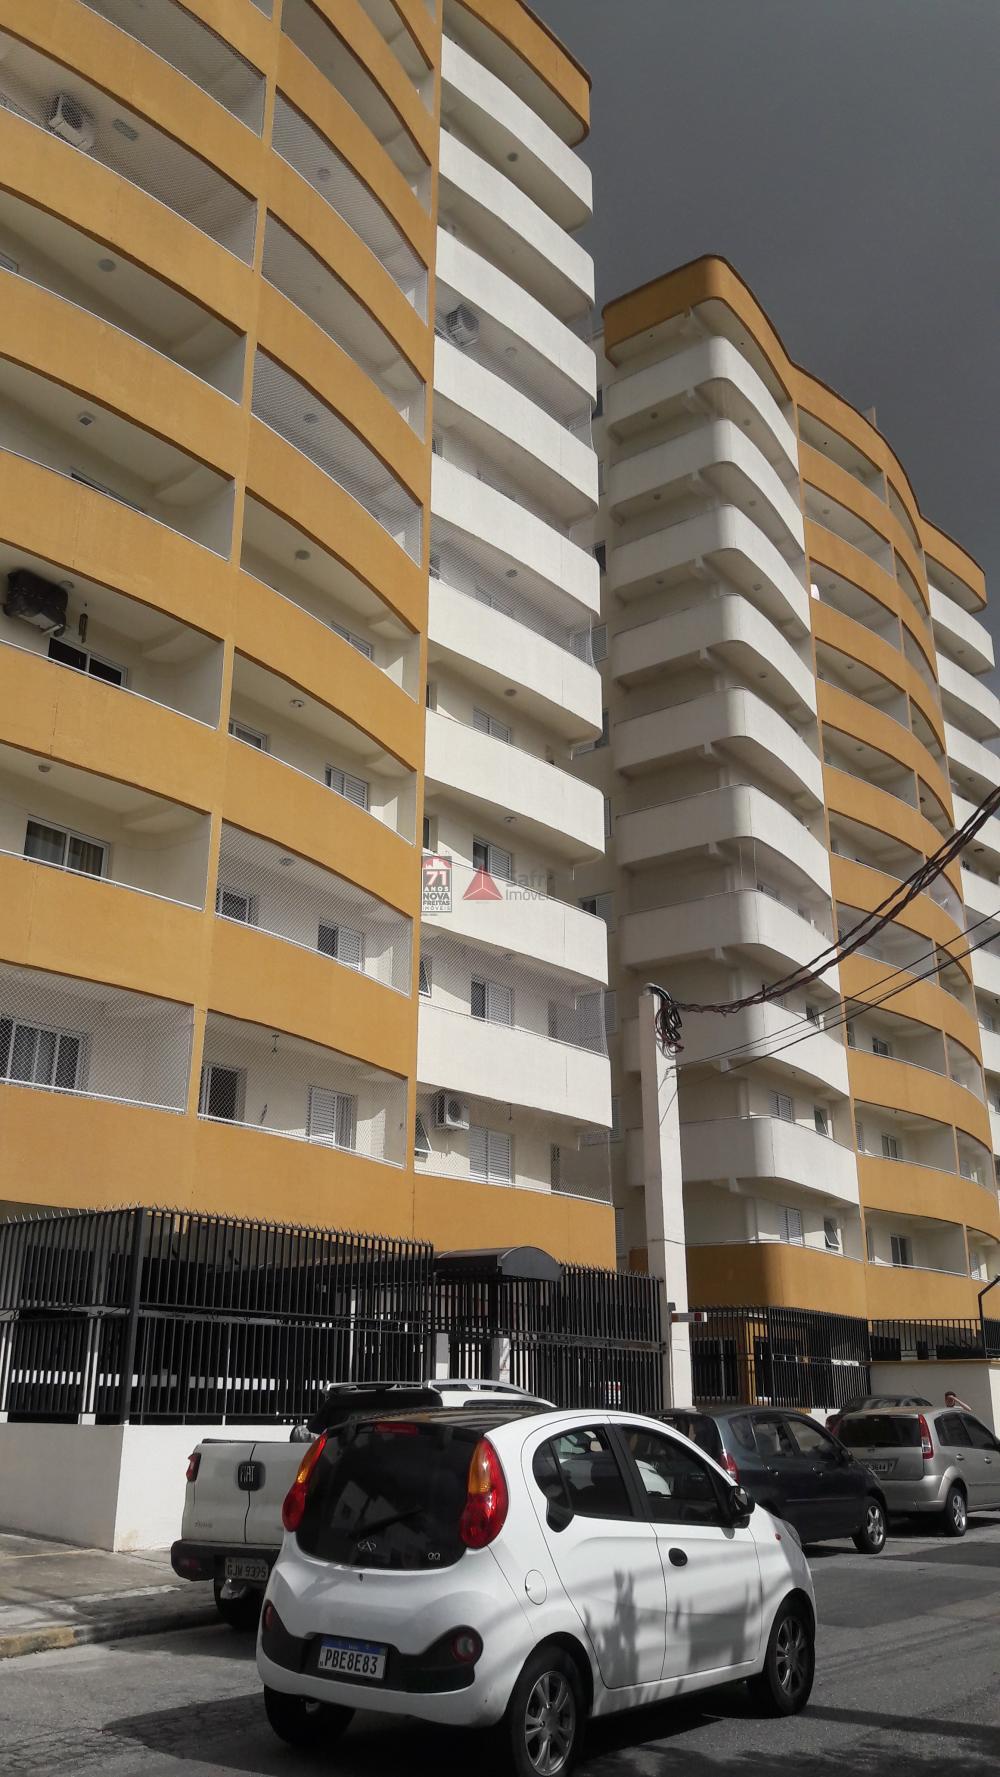 Comprar Apartamento / Padrão em São José dos Campos R$ 544.359,07 - Foto 11